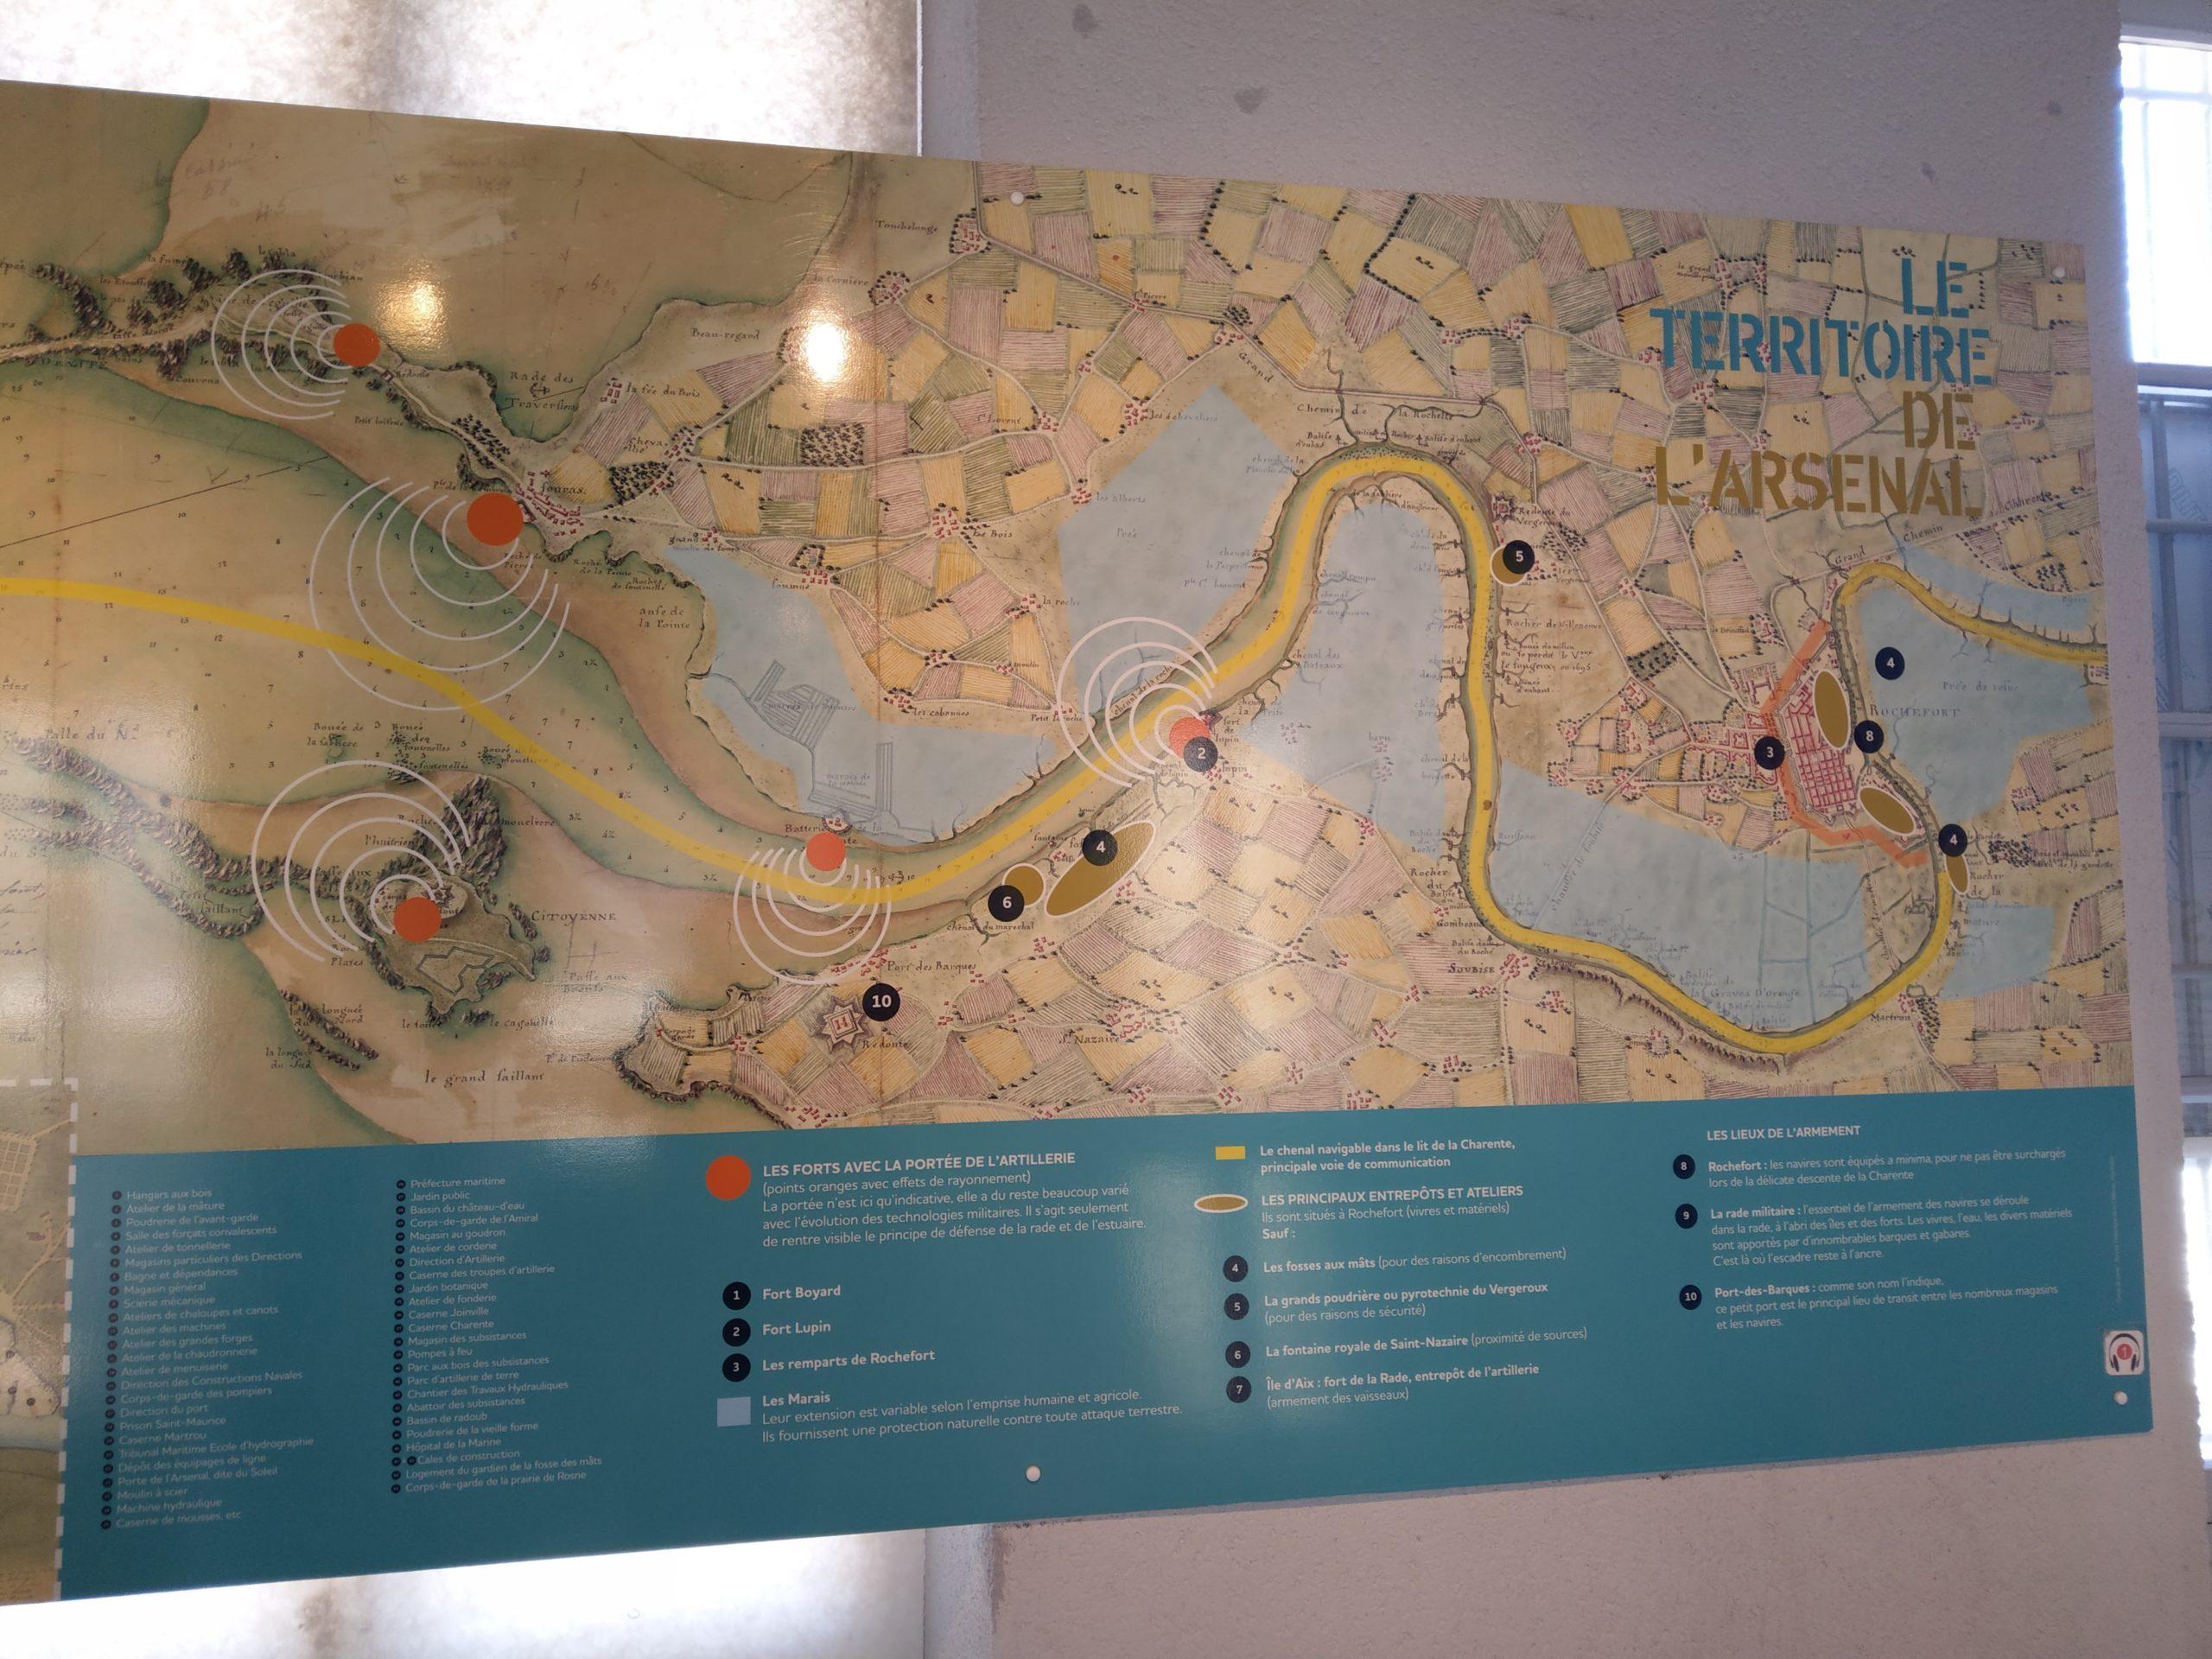 Plan de l'estuaire de la Charente